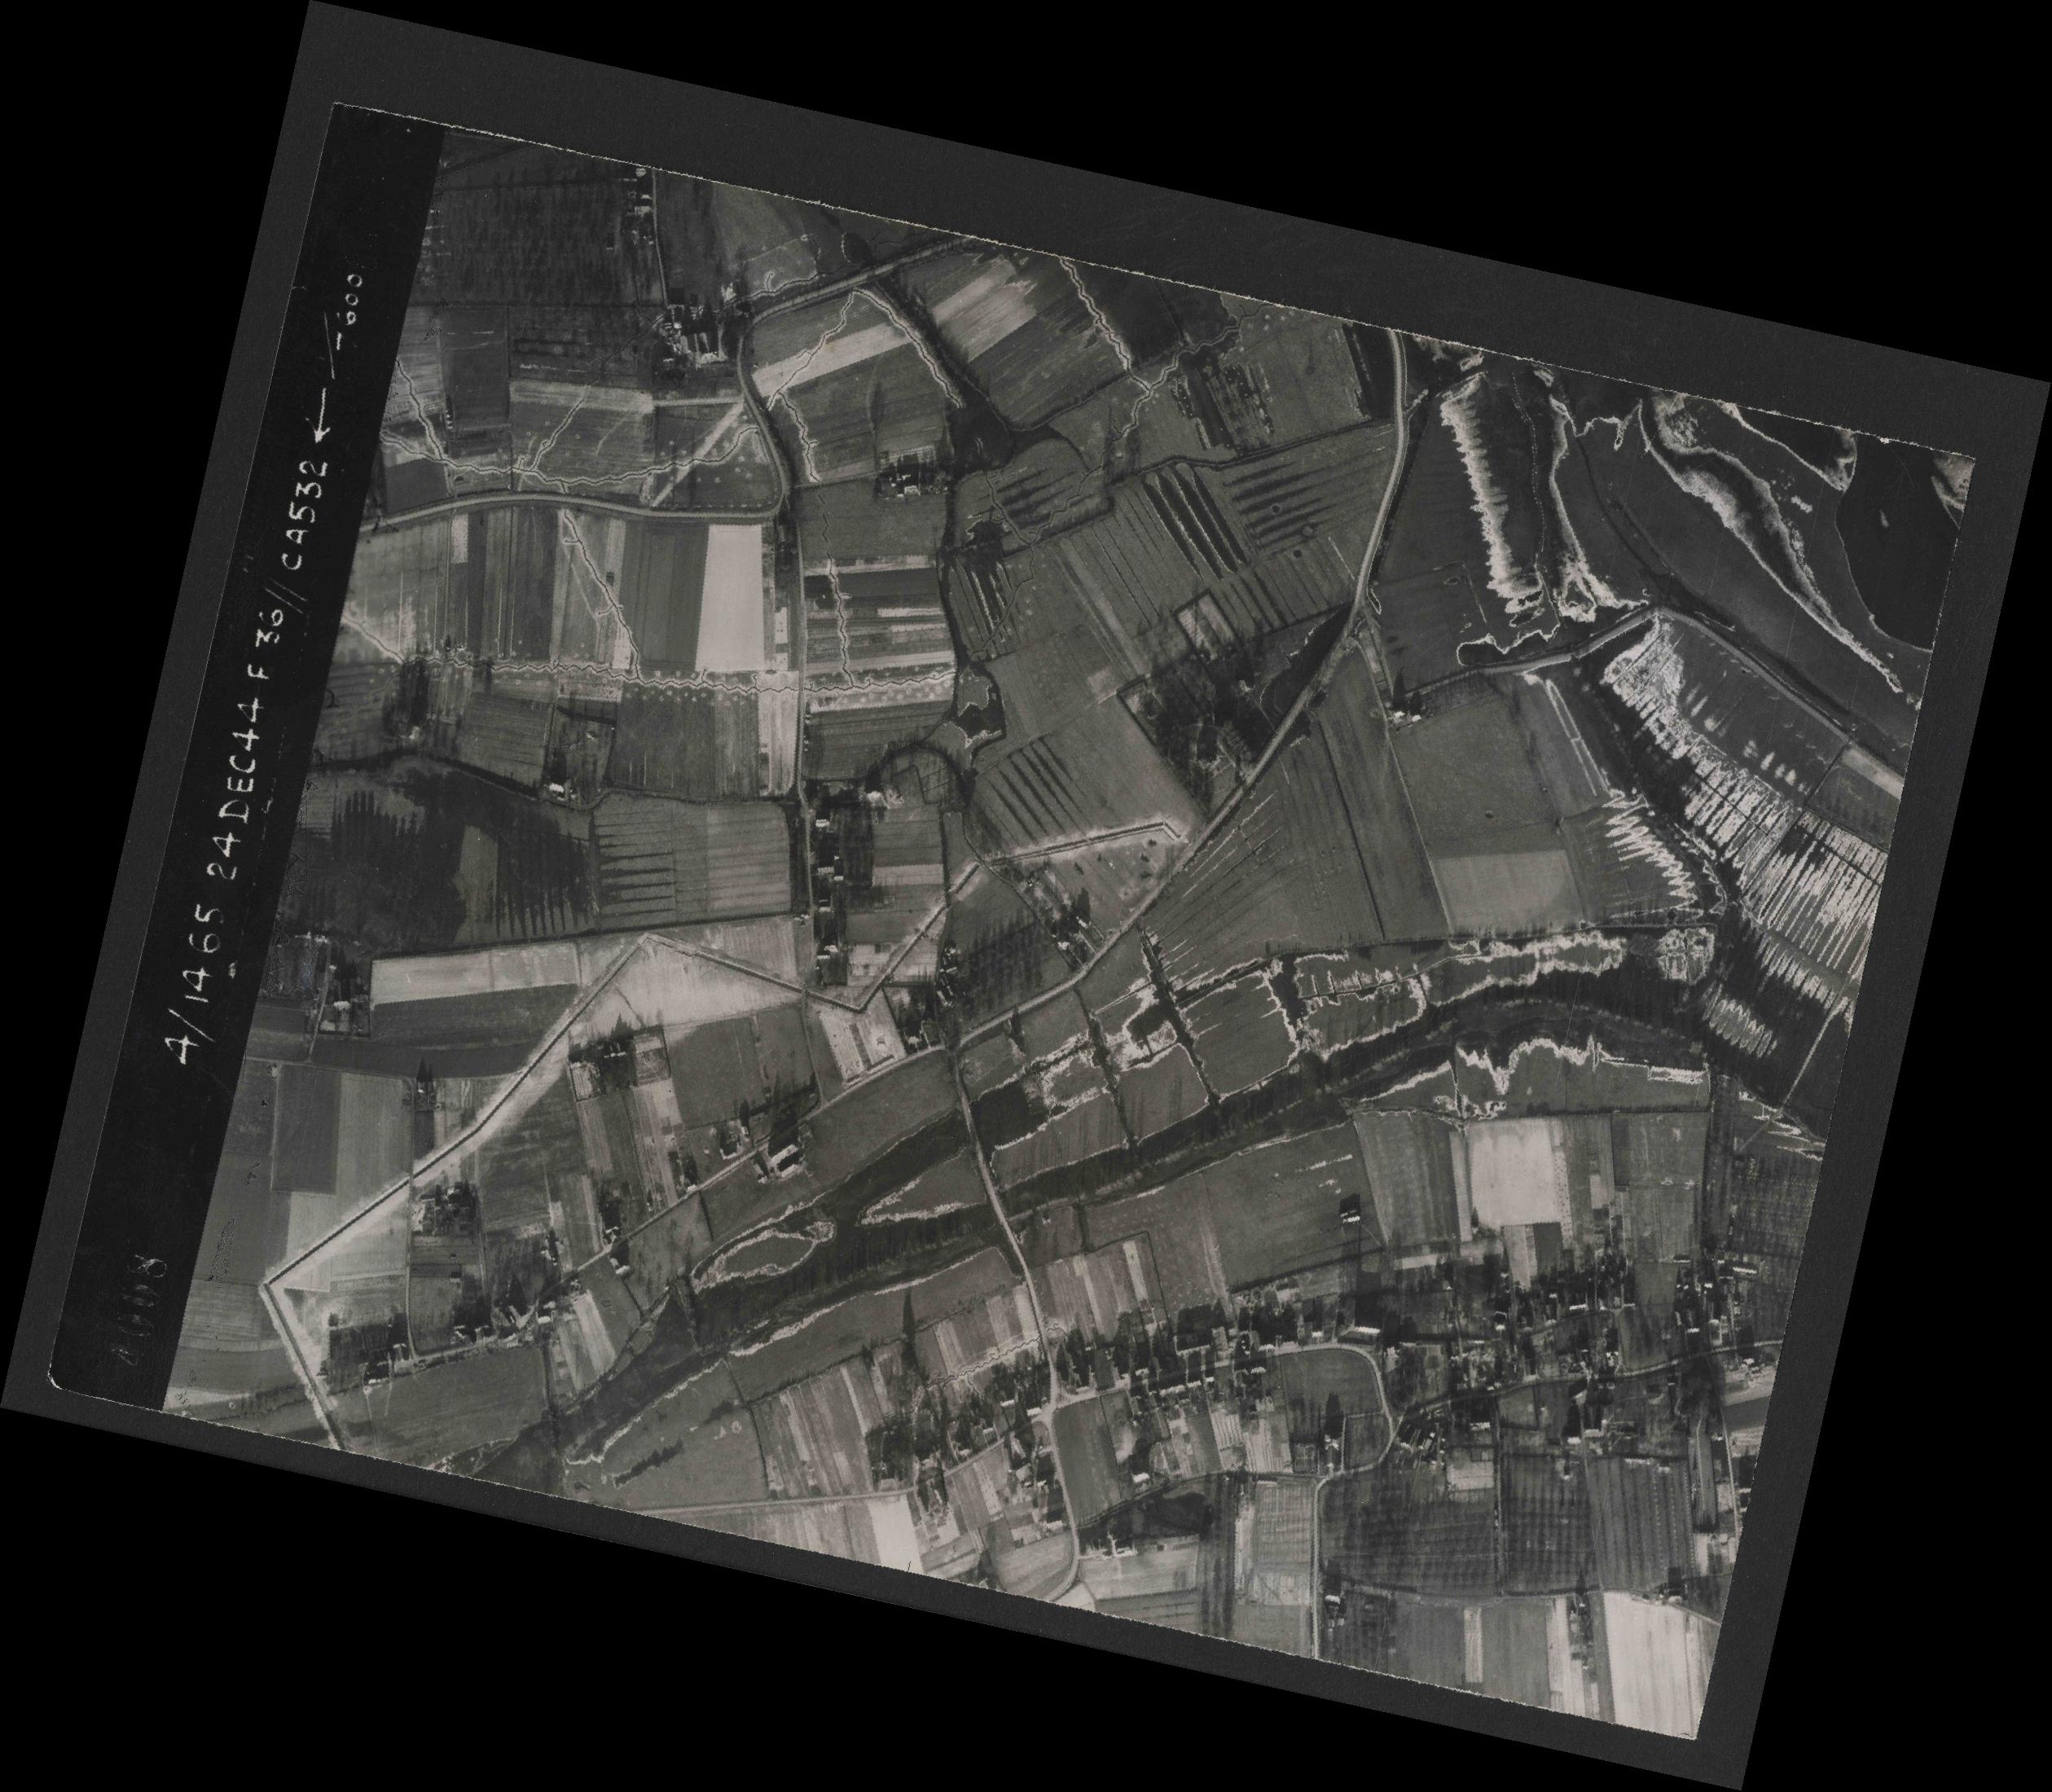 Collection RAF aerial photos 1940-1945 - flight 304, run 03, photo 4008